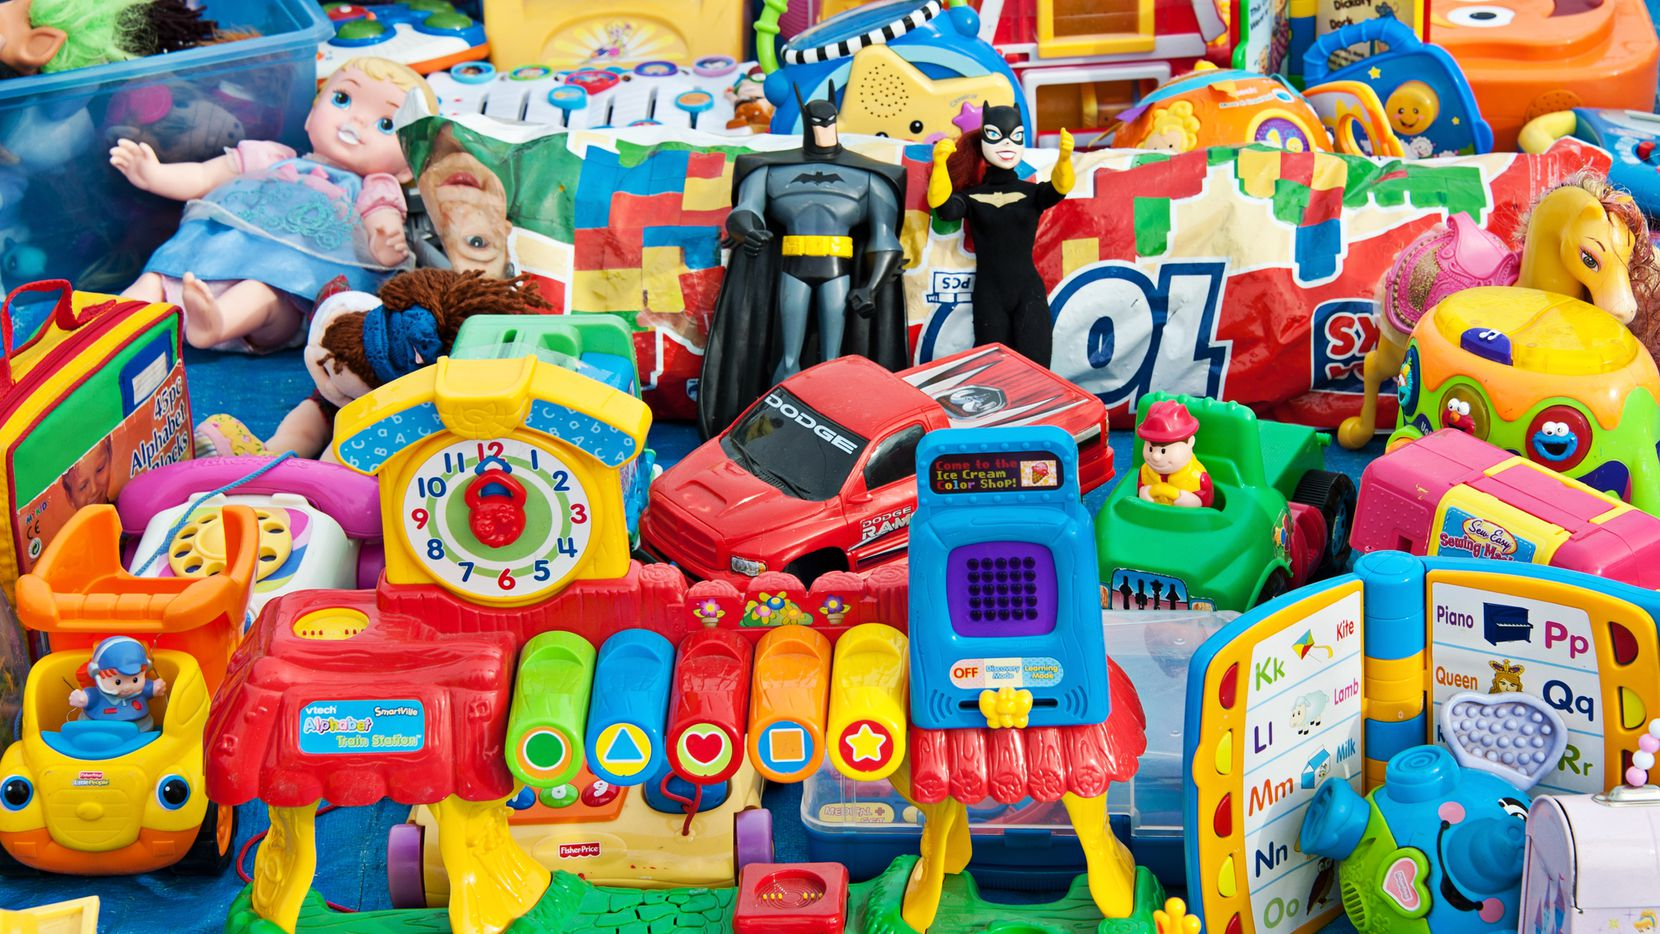 Quienes deseen donar juguetes para regalarlos en los eventos Navidad Azul de la Policía y Bomberos de Irving pueden comprarlos en Amazon en una lista que habilitaron las corporaciones para que no tenga que salir de su casa a dejar las donaciones.